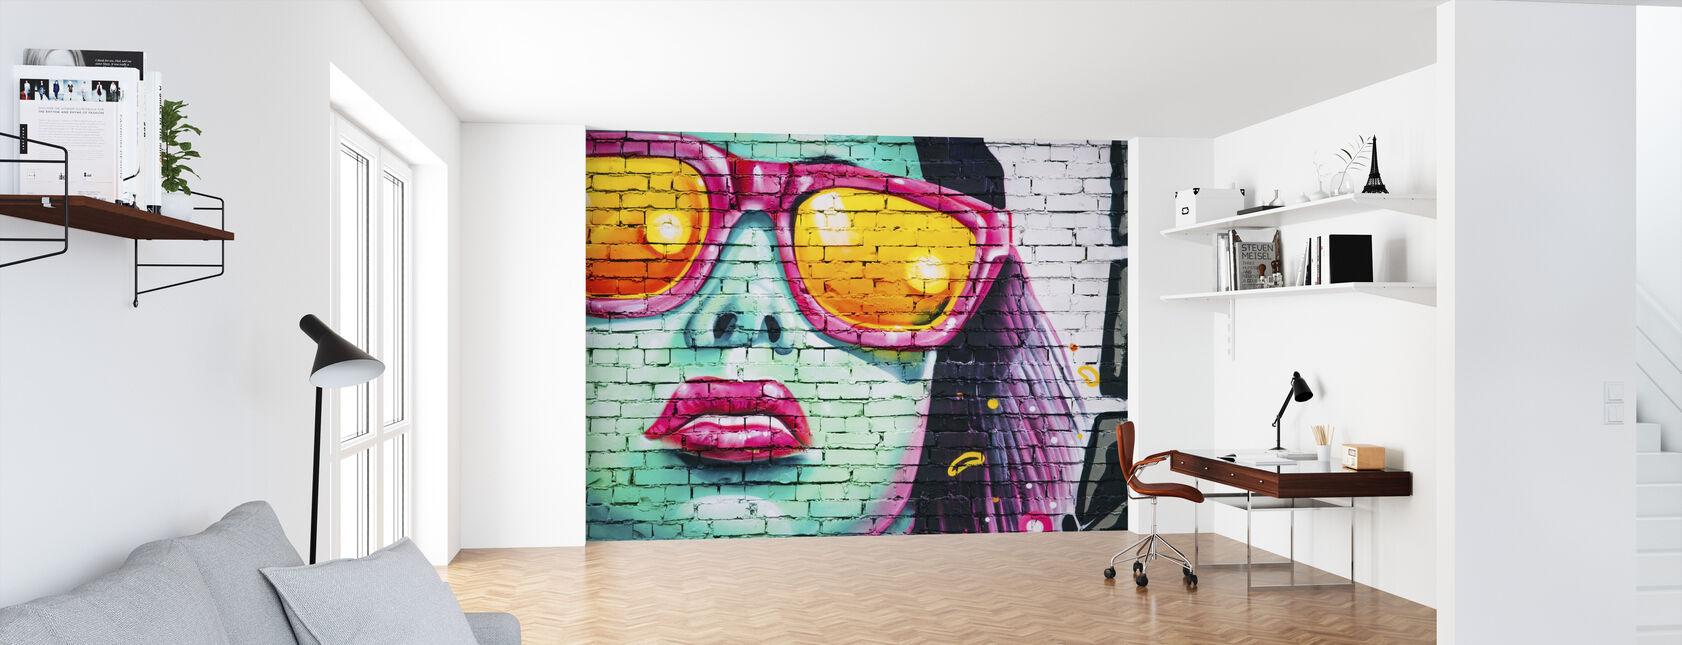 Pintura de pared colorida - Papel pintado - Oficina